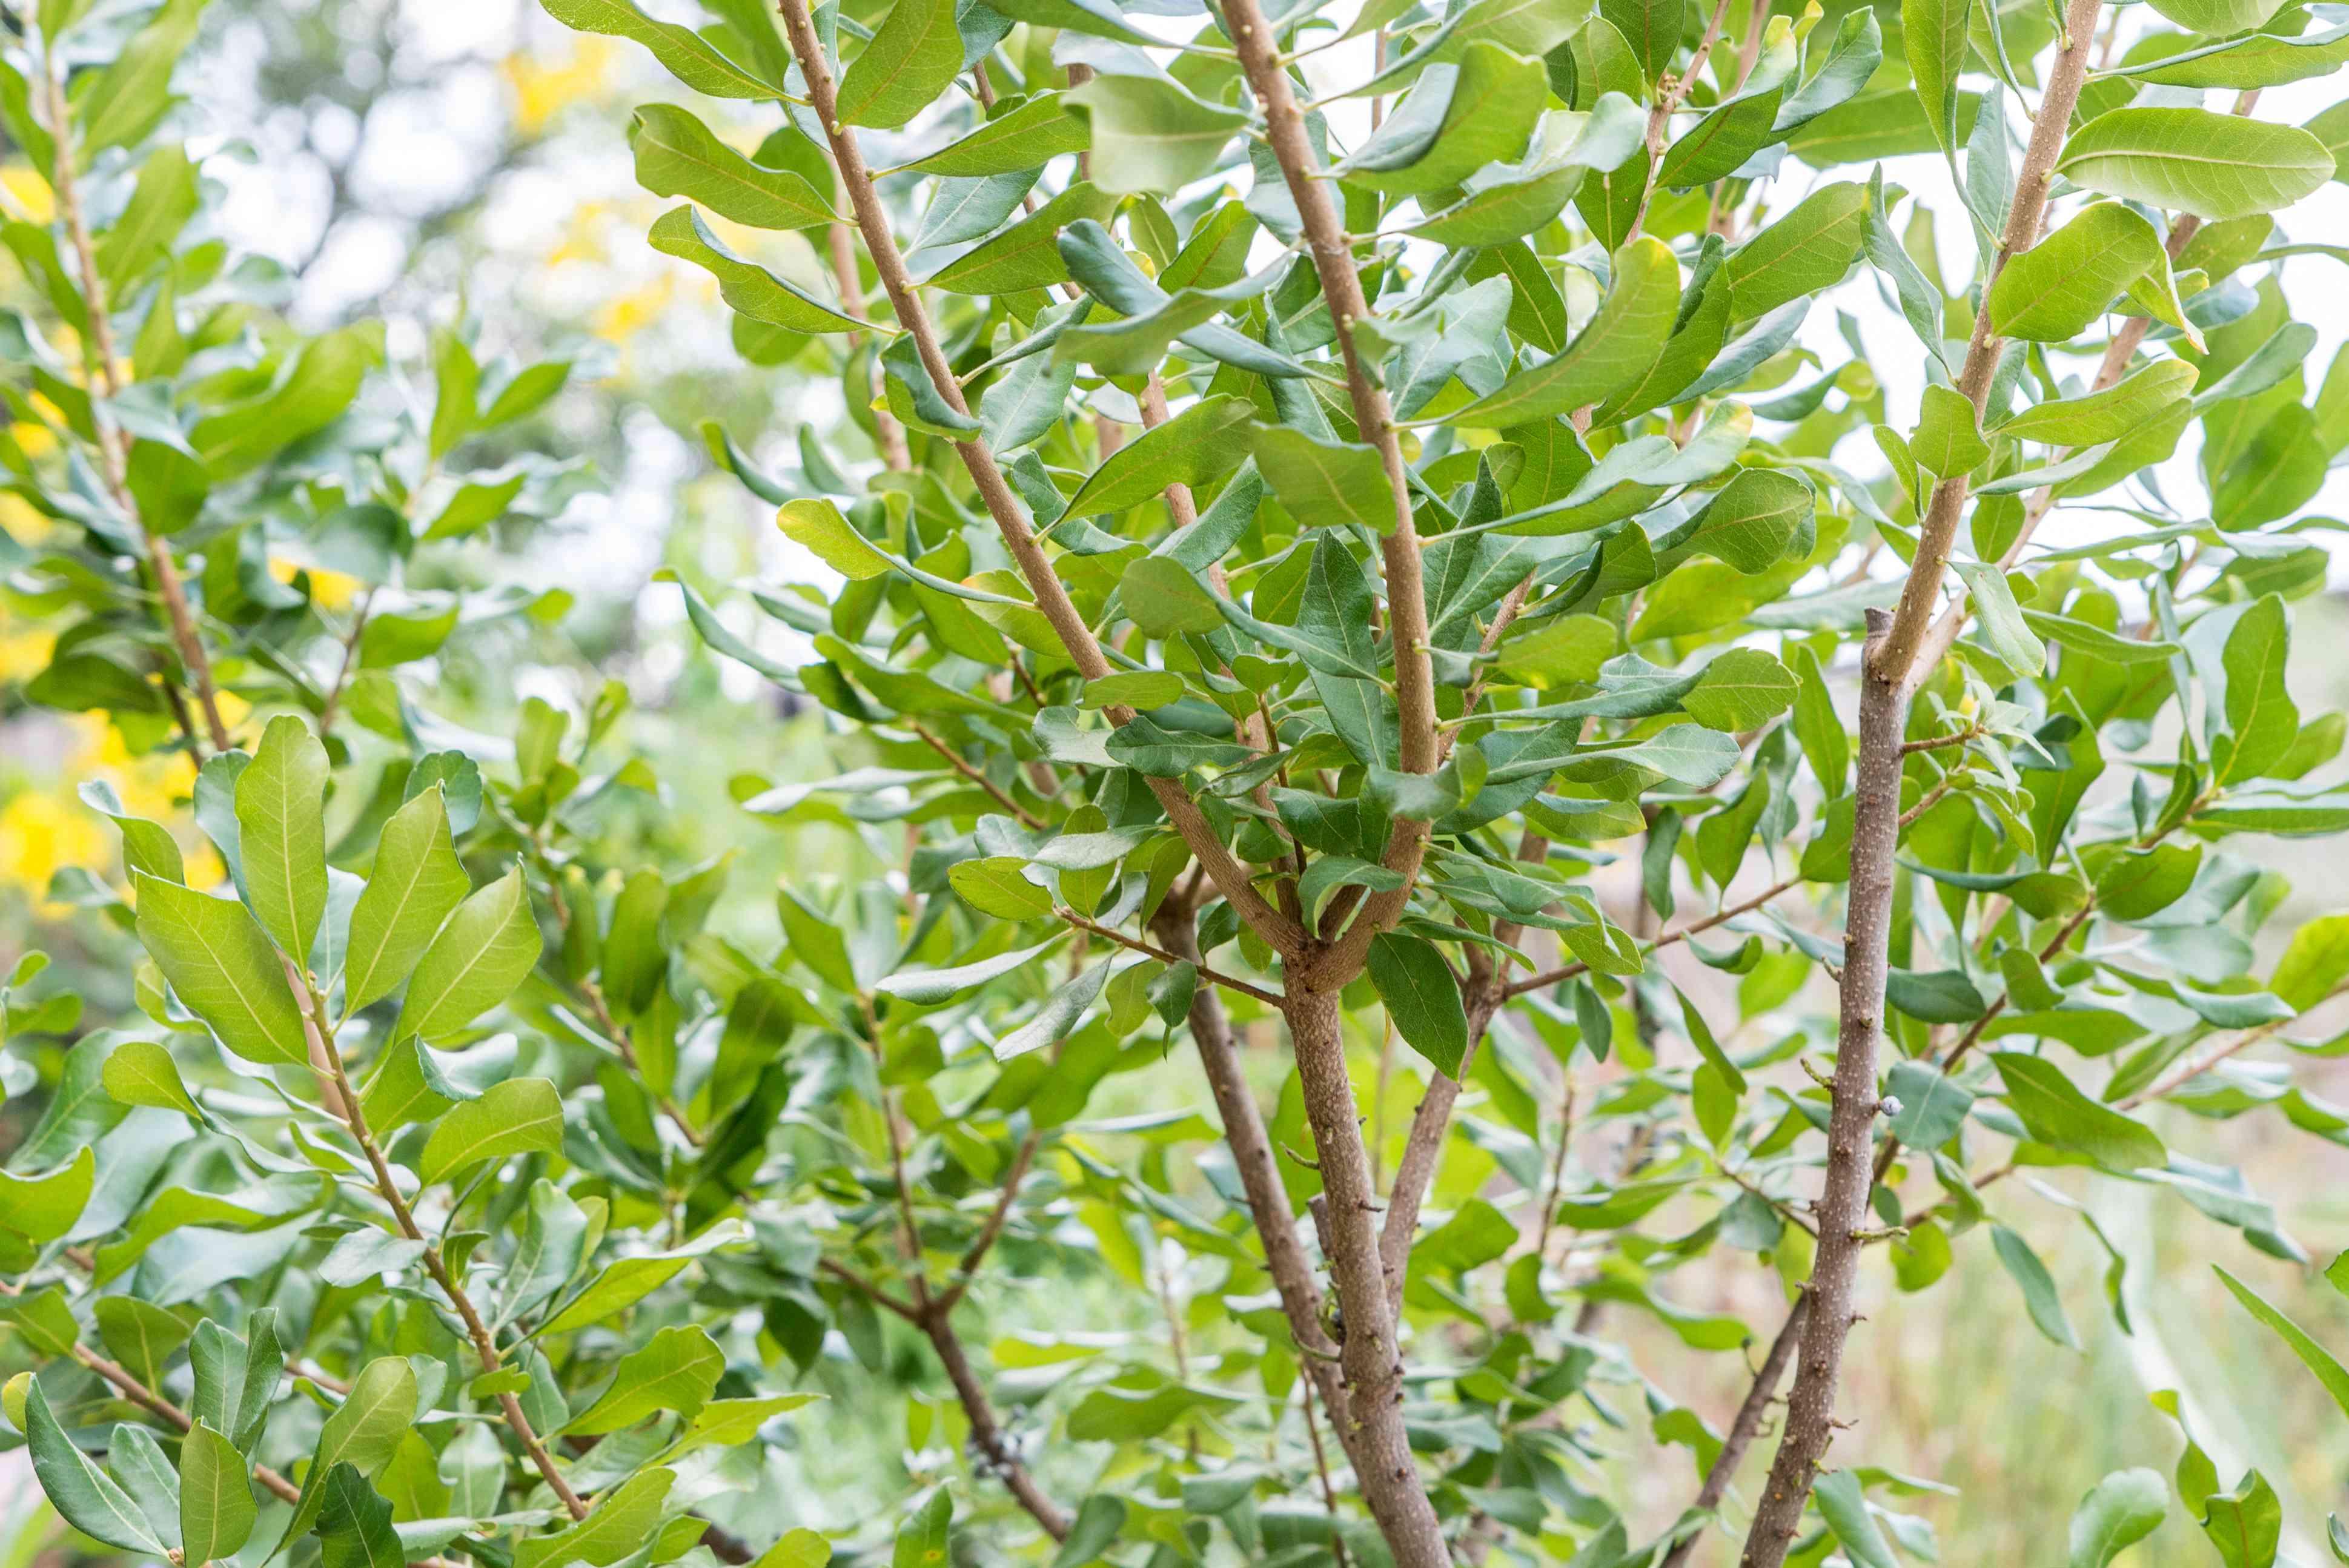 bayberry shrub foliage